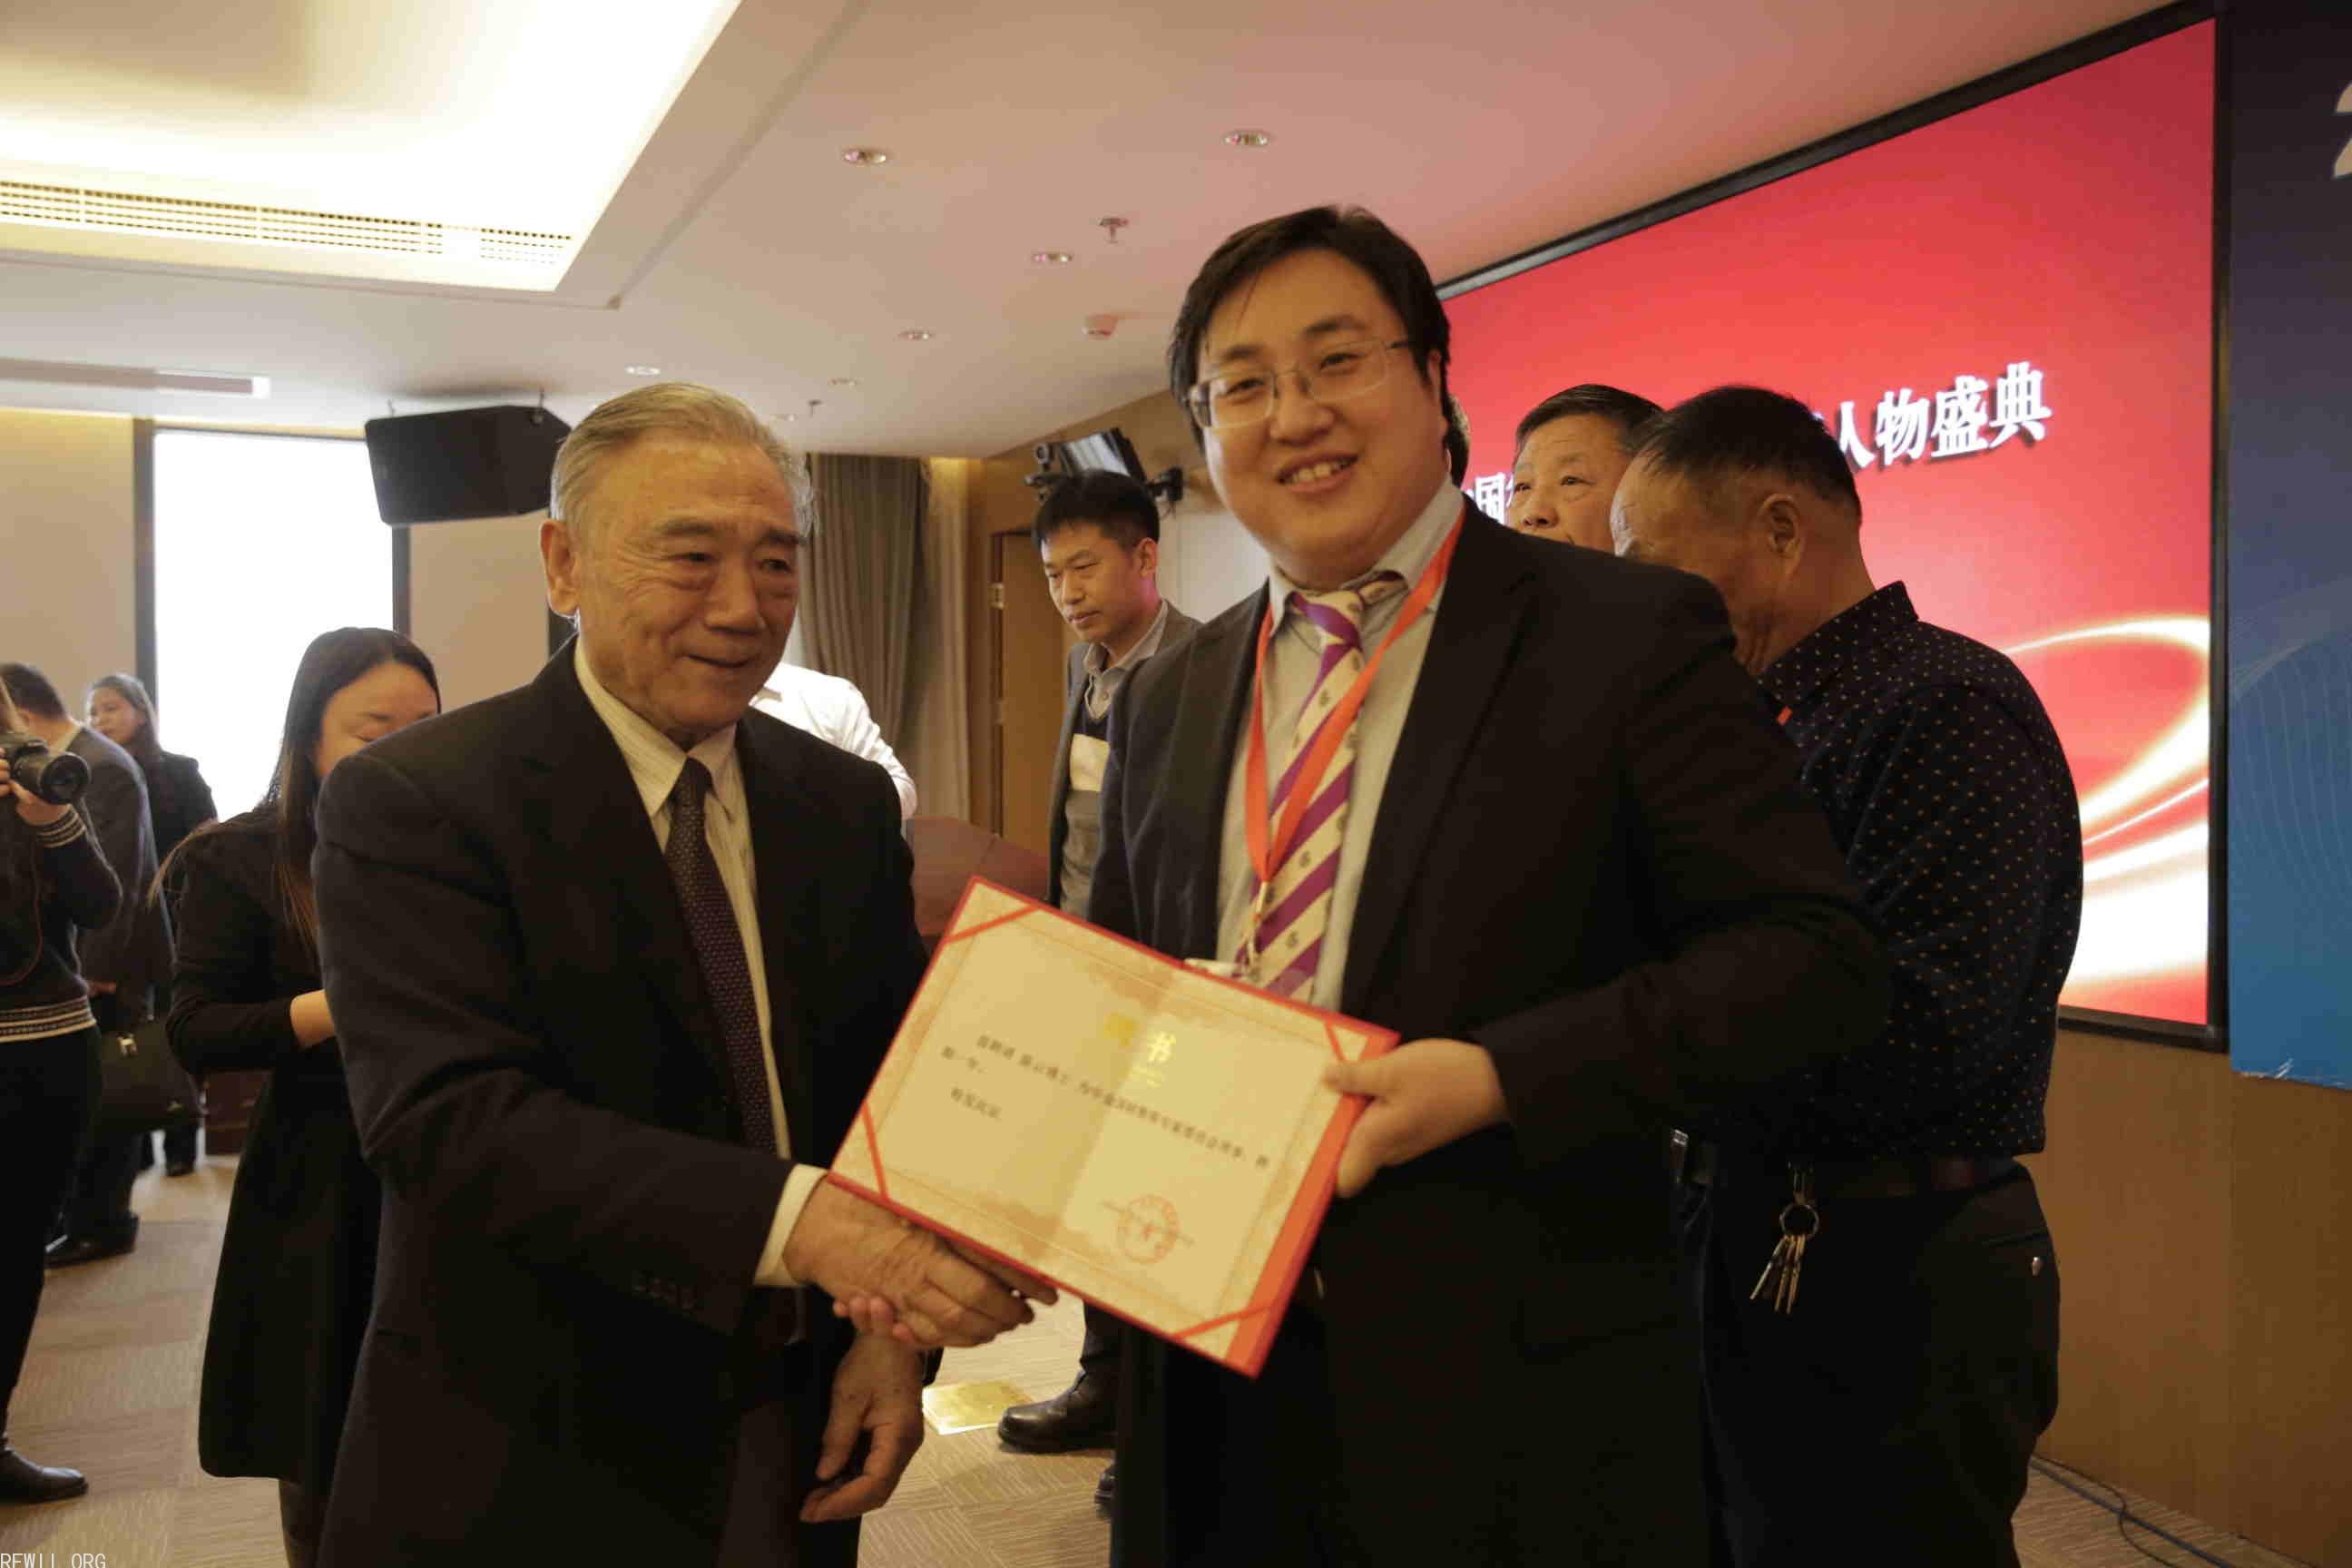 2018年1月全国工商联原副主席王治国为陈云博士颁发聘书